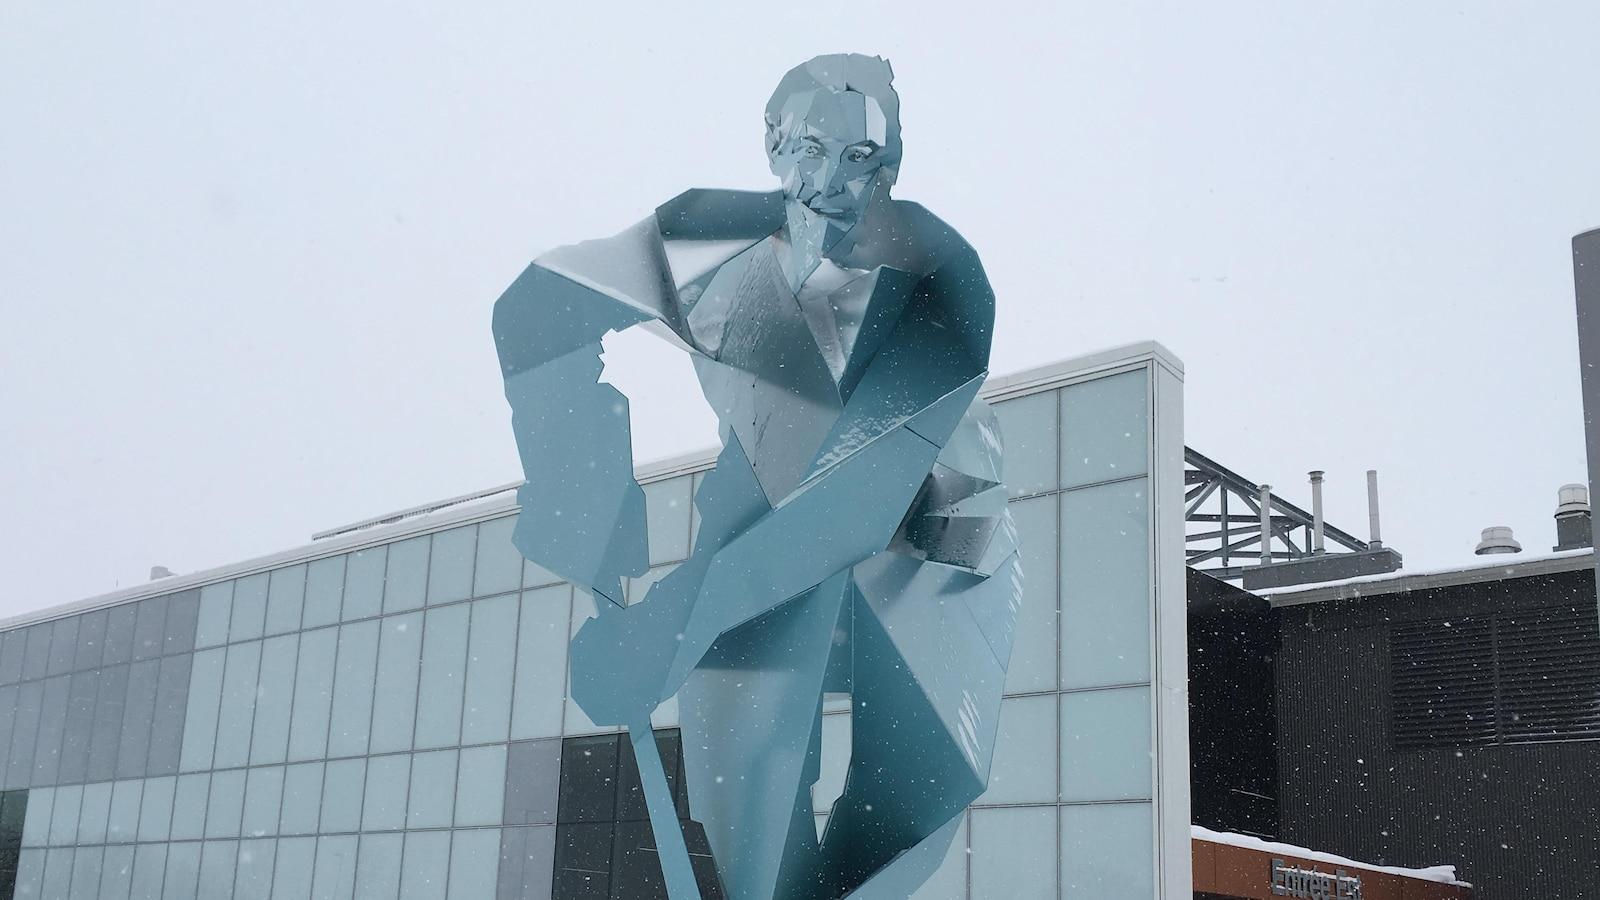 La statue de Jean Béliveau au Centre Vidéotron